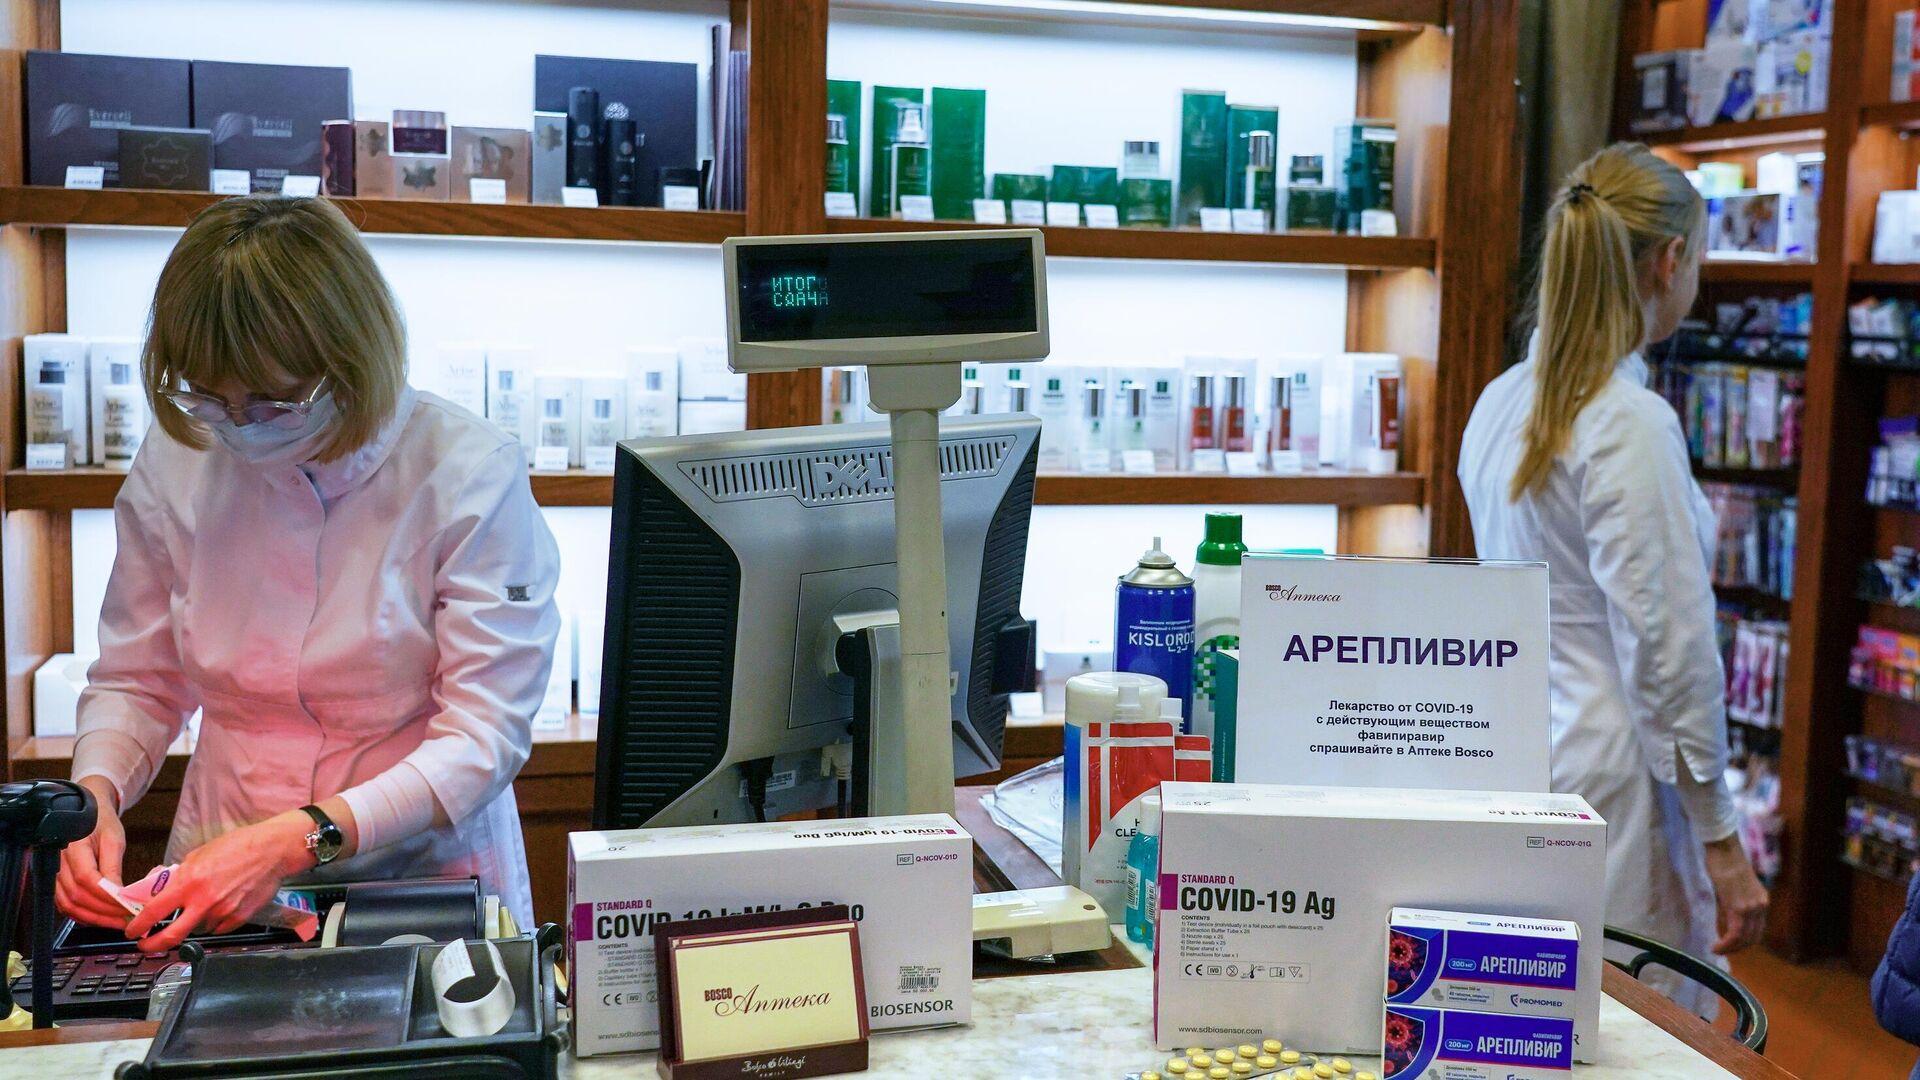 Препарат от COVID-19 Арепливир в аптеке Боско в Москве - РИА Новости, 1920, 04.11.2020